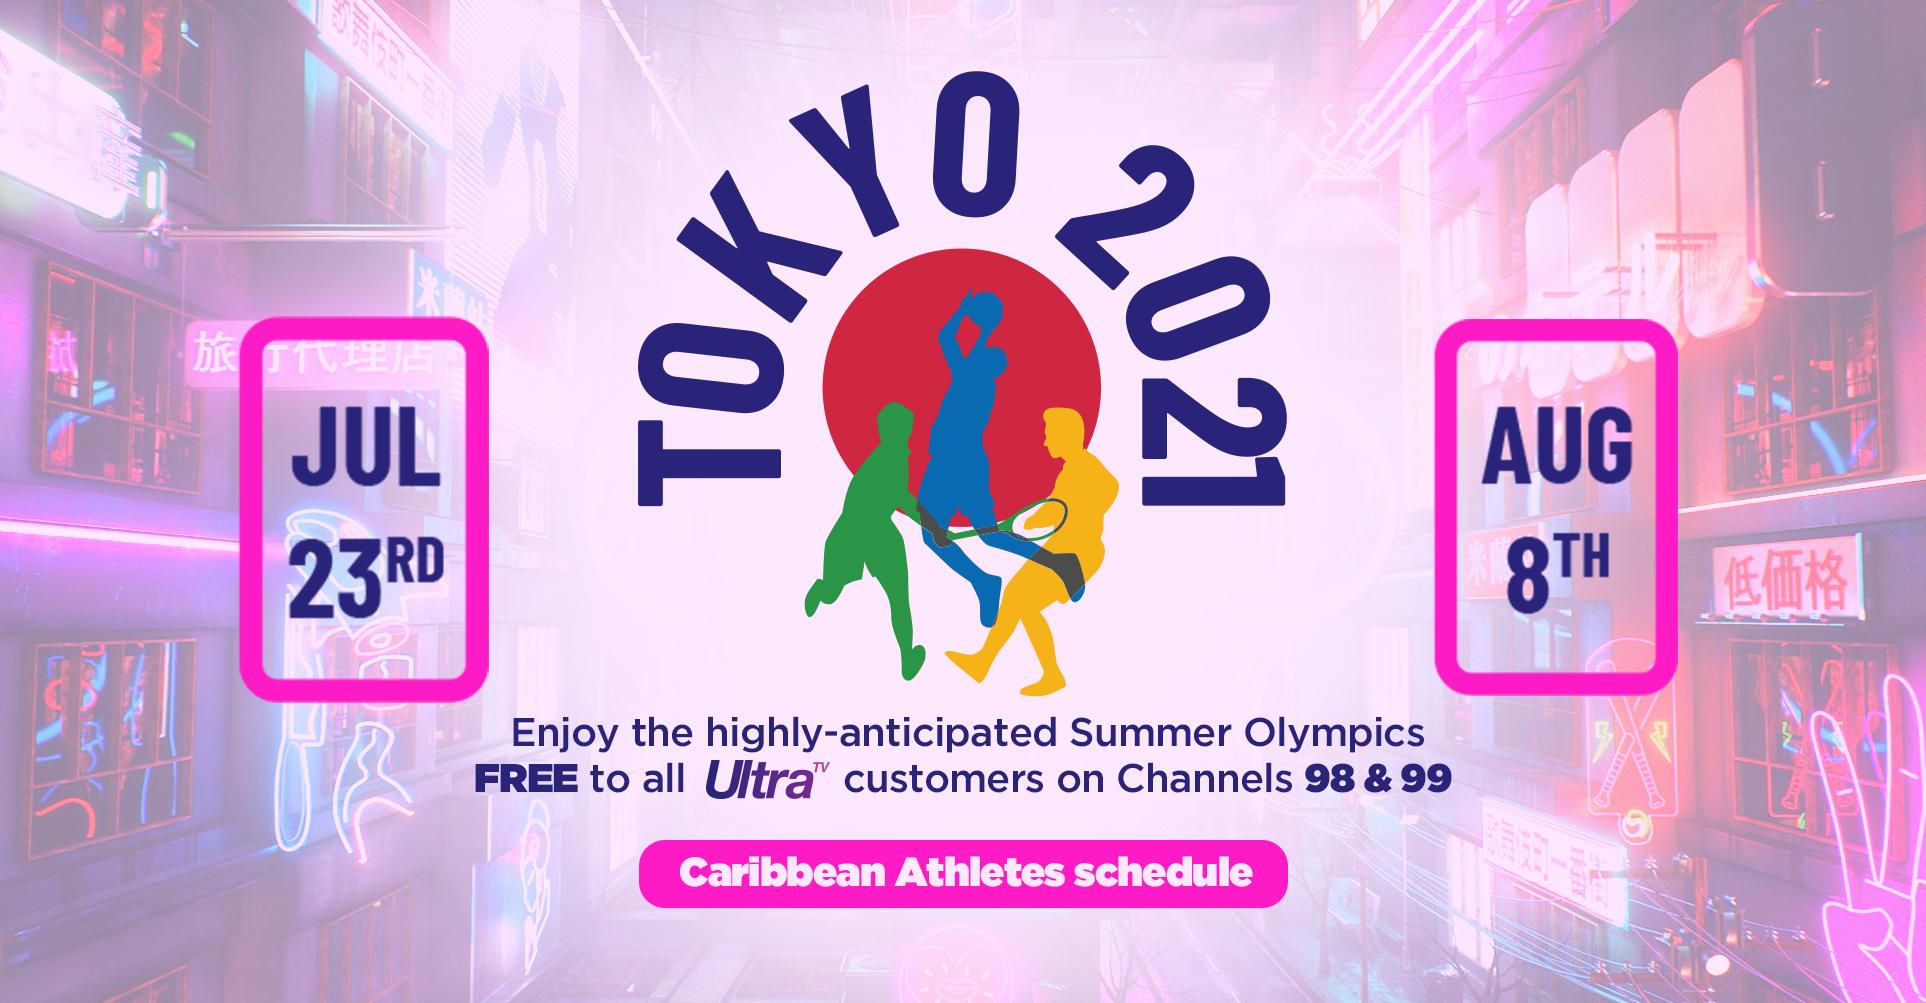 Tokyo 2020 Olympics Schedule